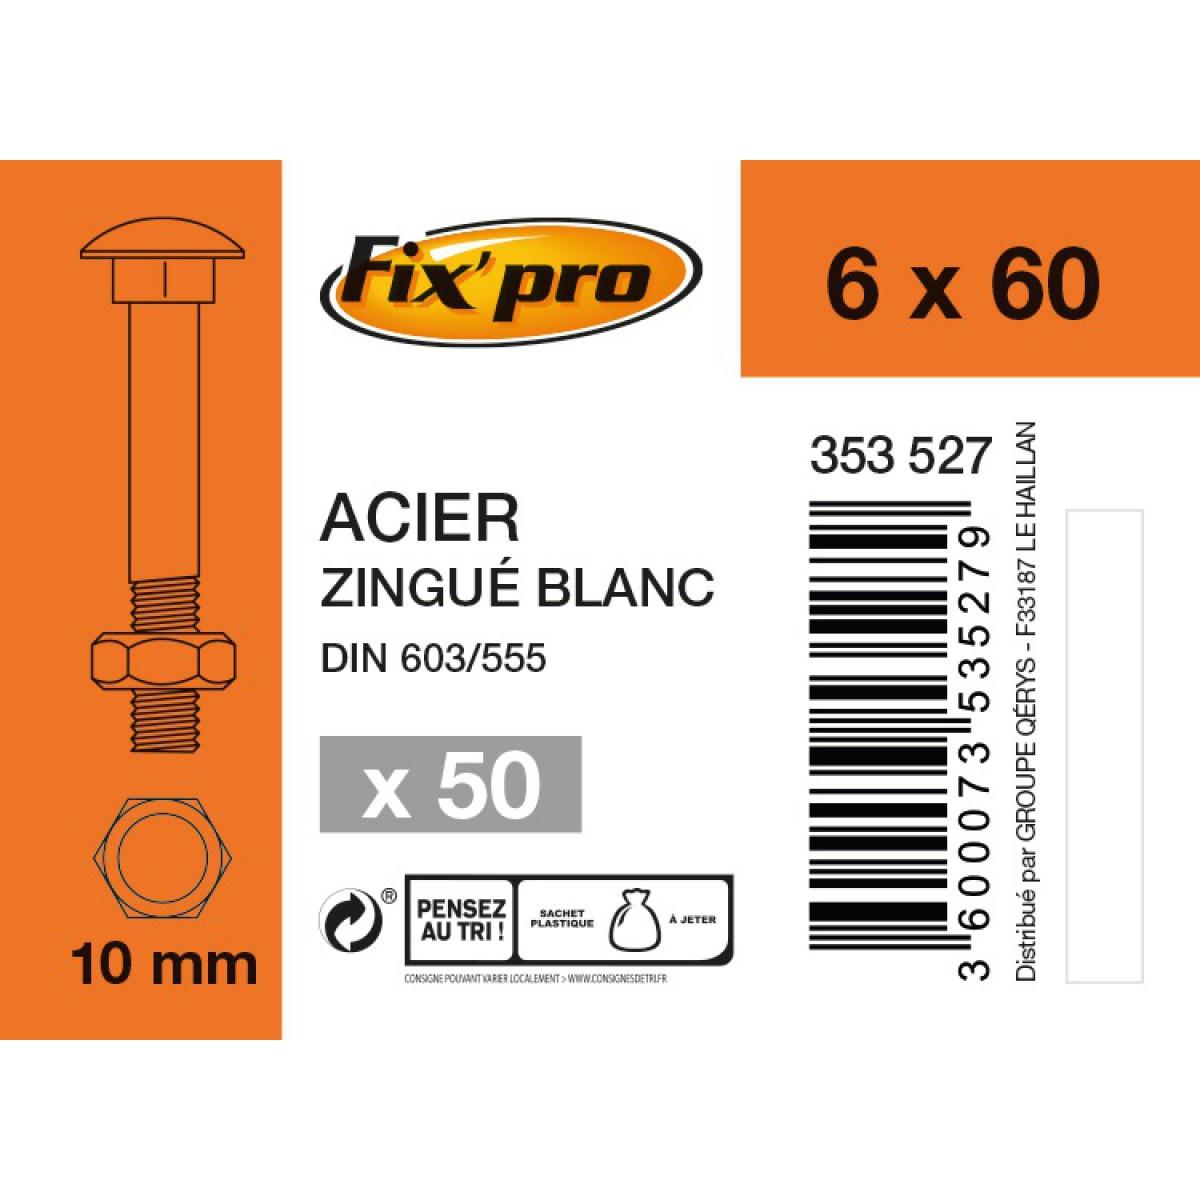 Boulon Japy tête ronde collet carré acier zingué - 6x60/18 - 50pces - Fixpro